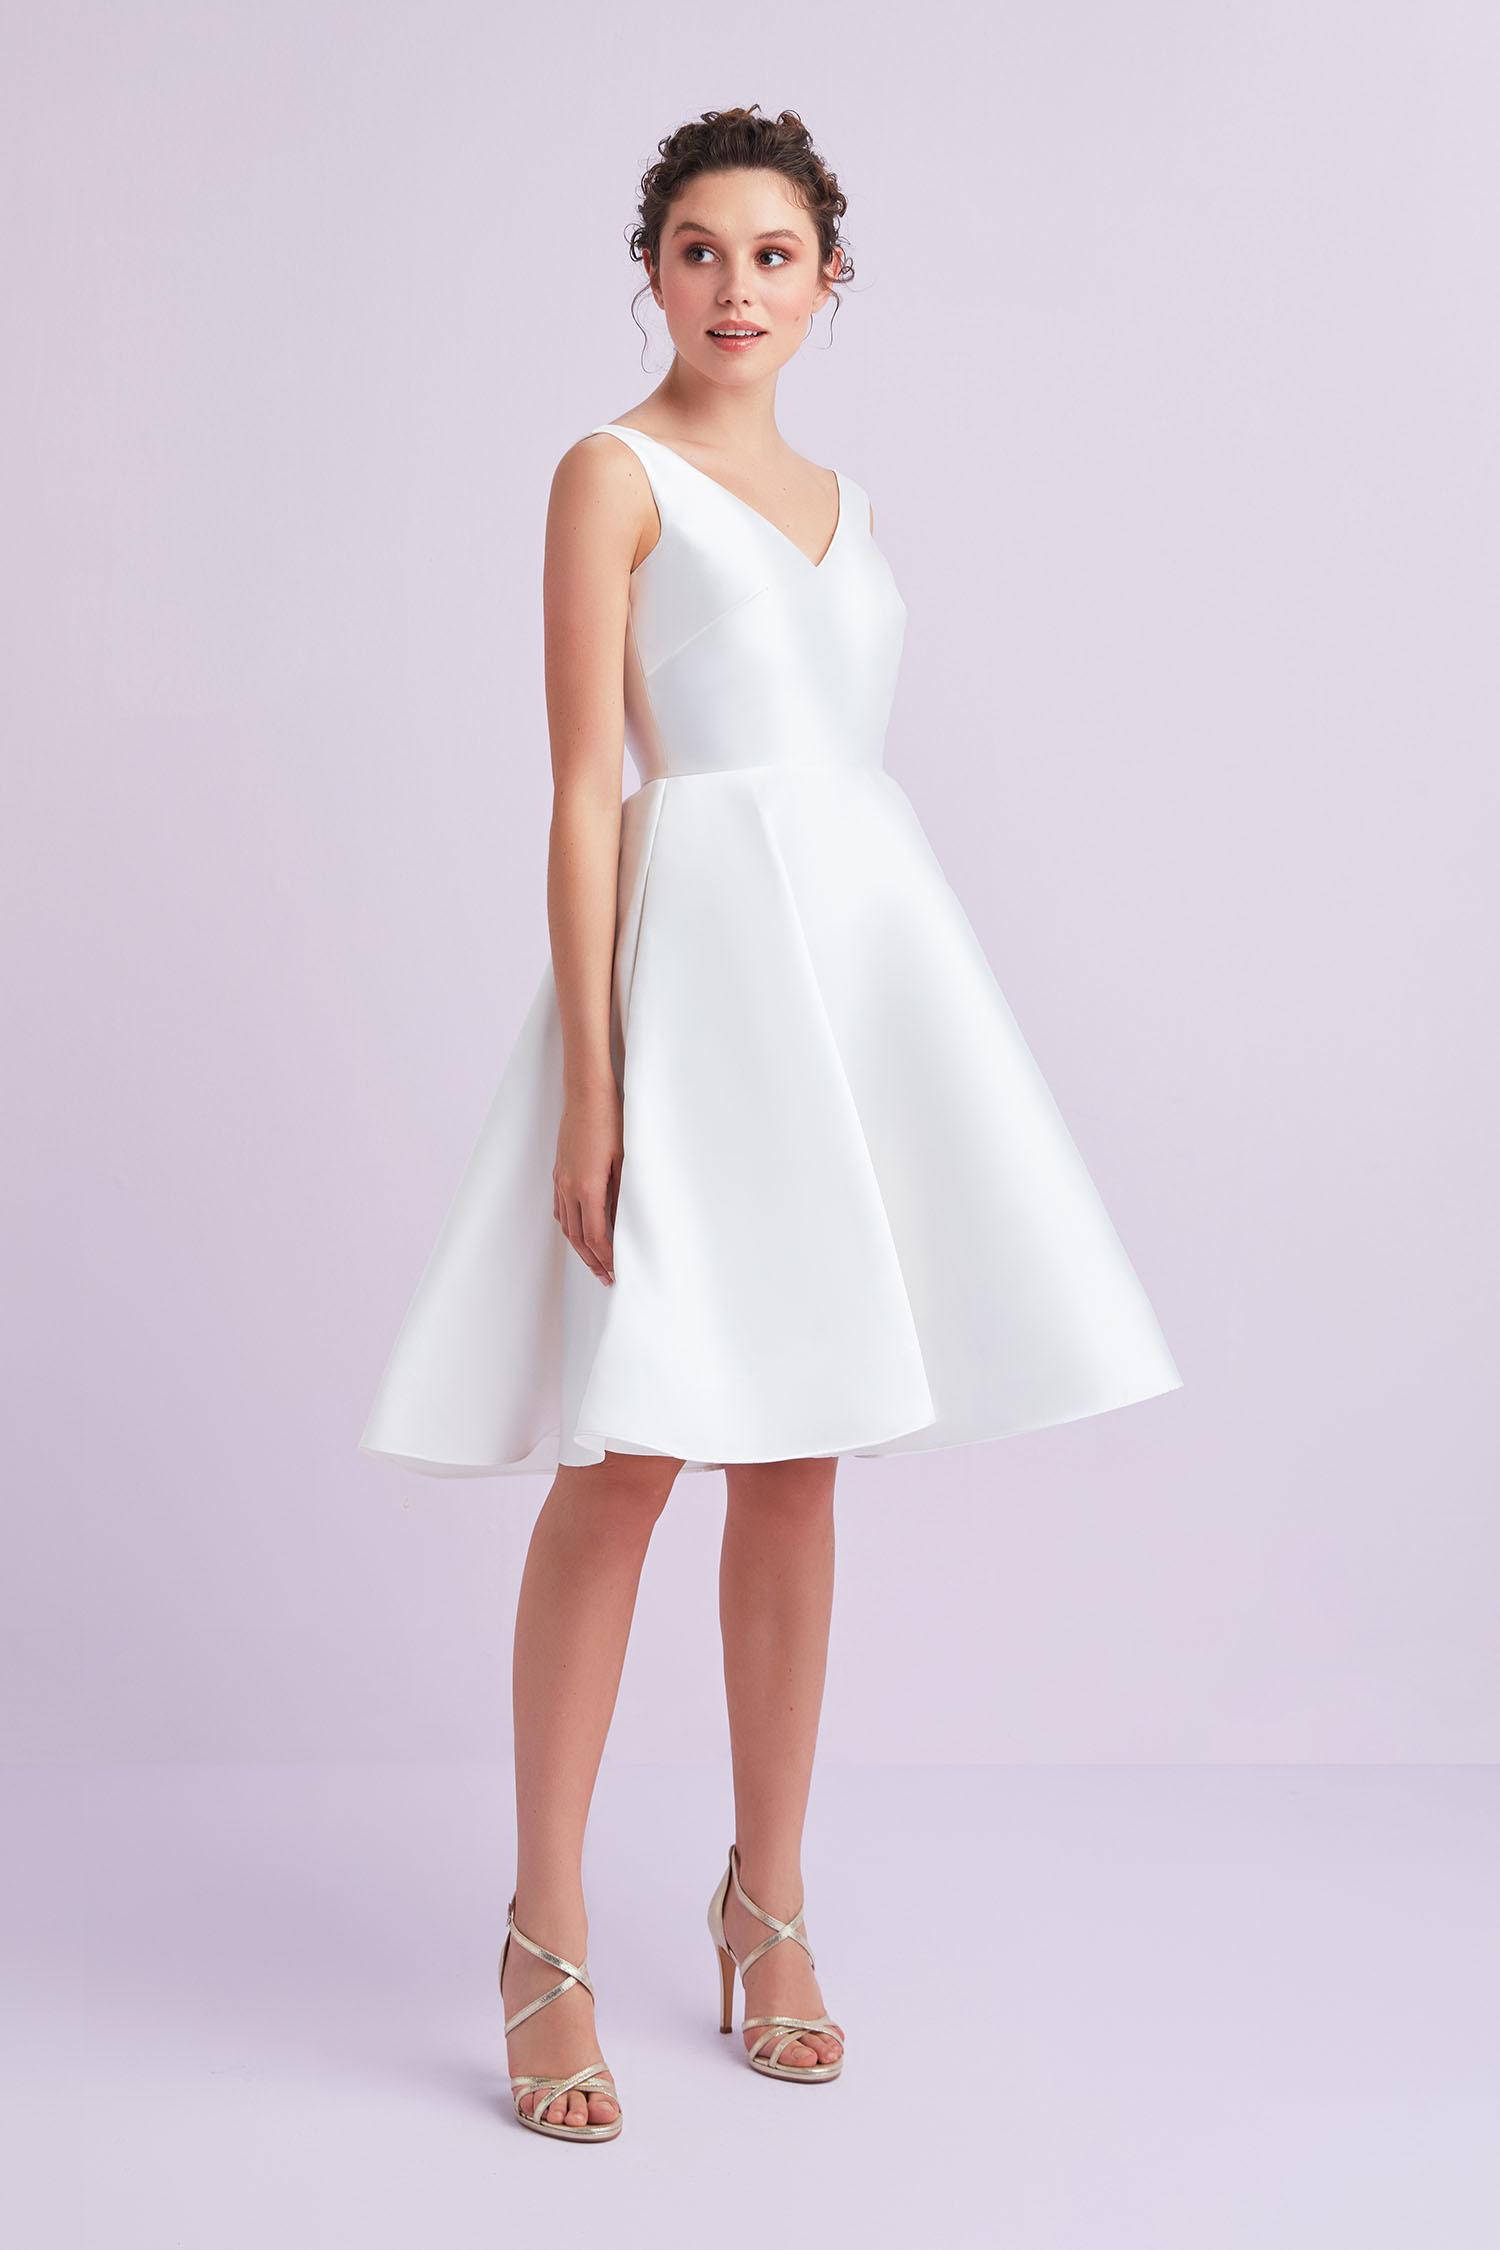 Beyaz Askılı Saten Kısa Büyük Beden Nikah Elbisesi - Thumbnail